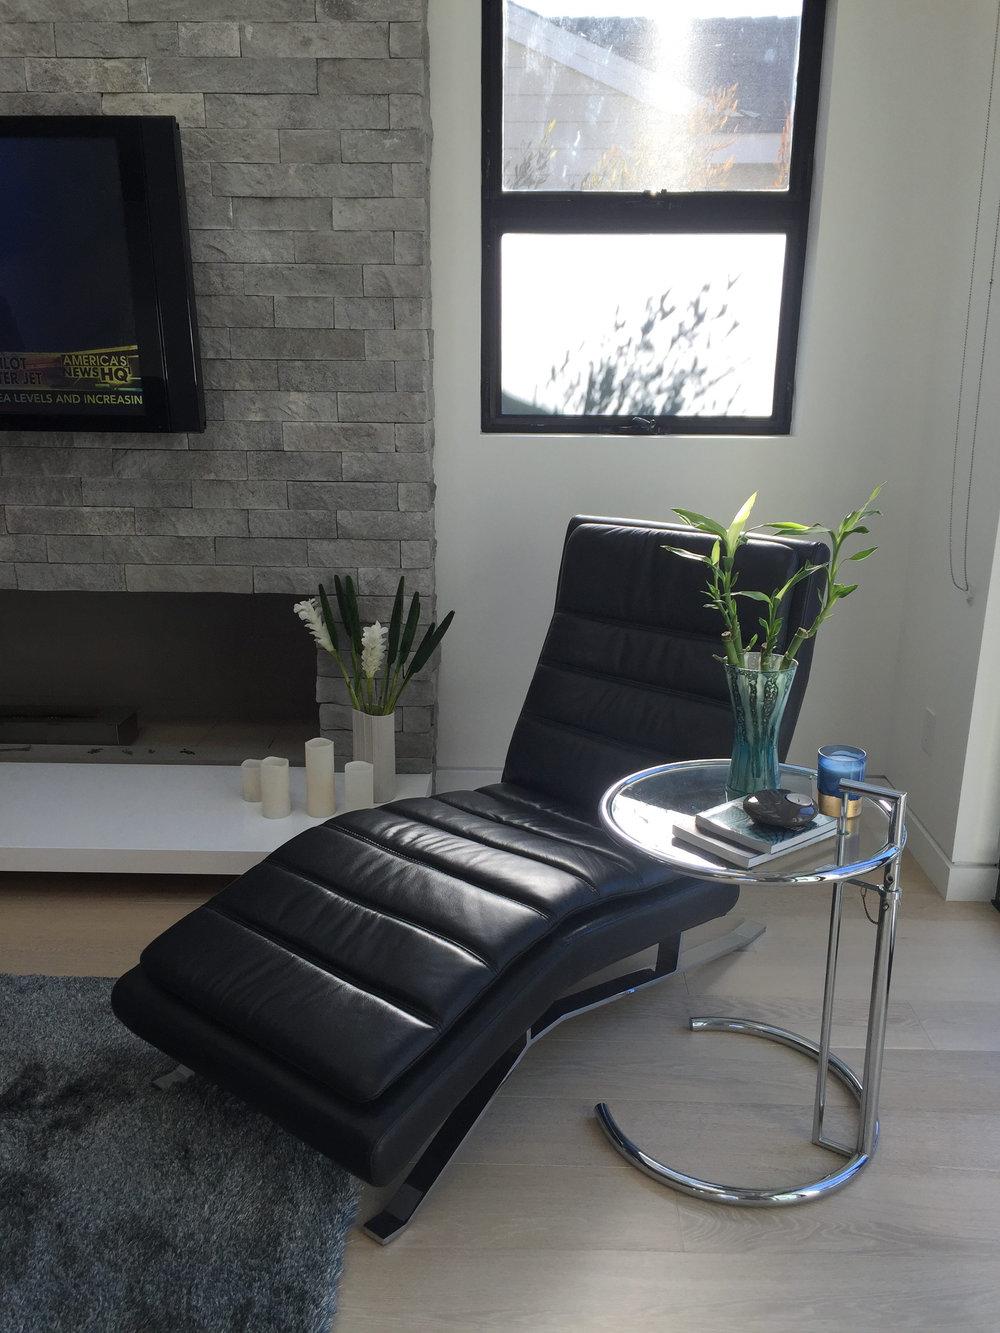 chaise-11-15-e1478015633609.jpg